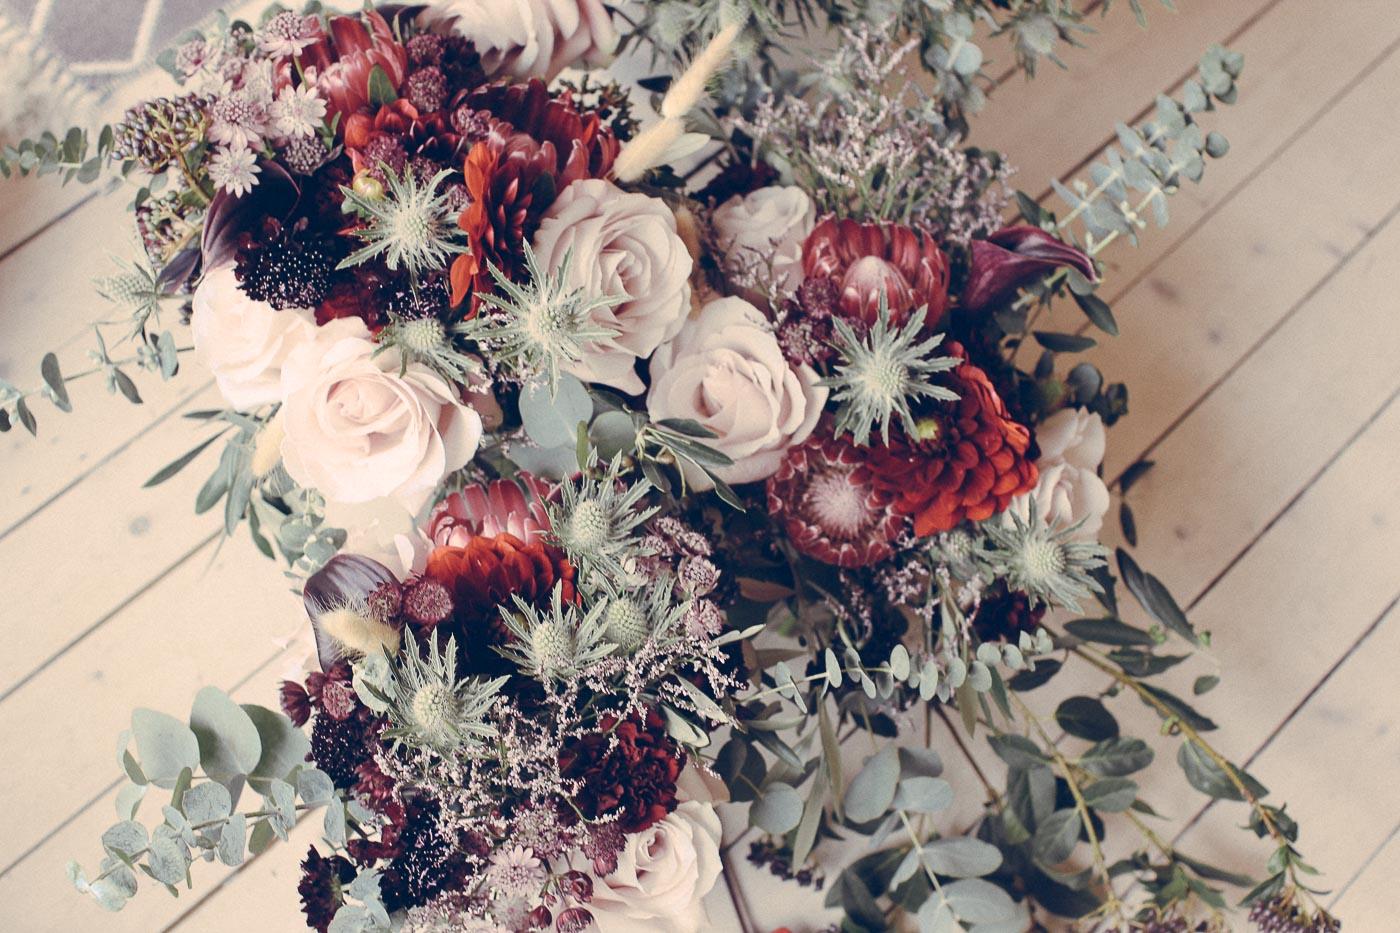 Blommor, blommor, blommor!